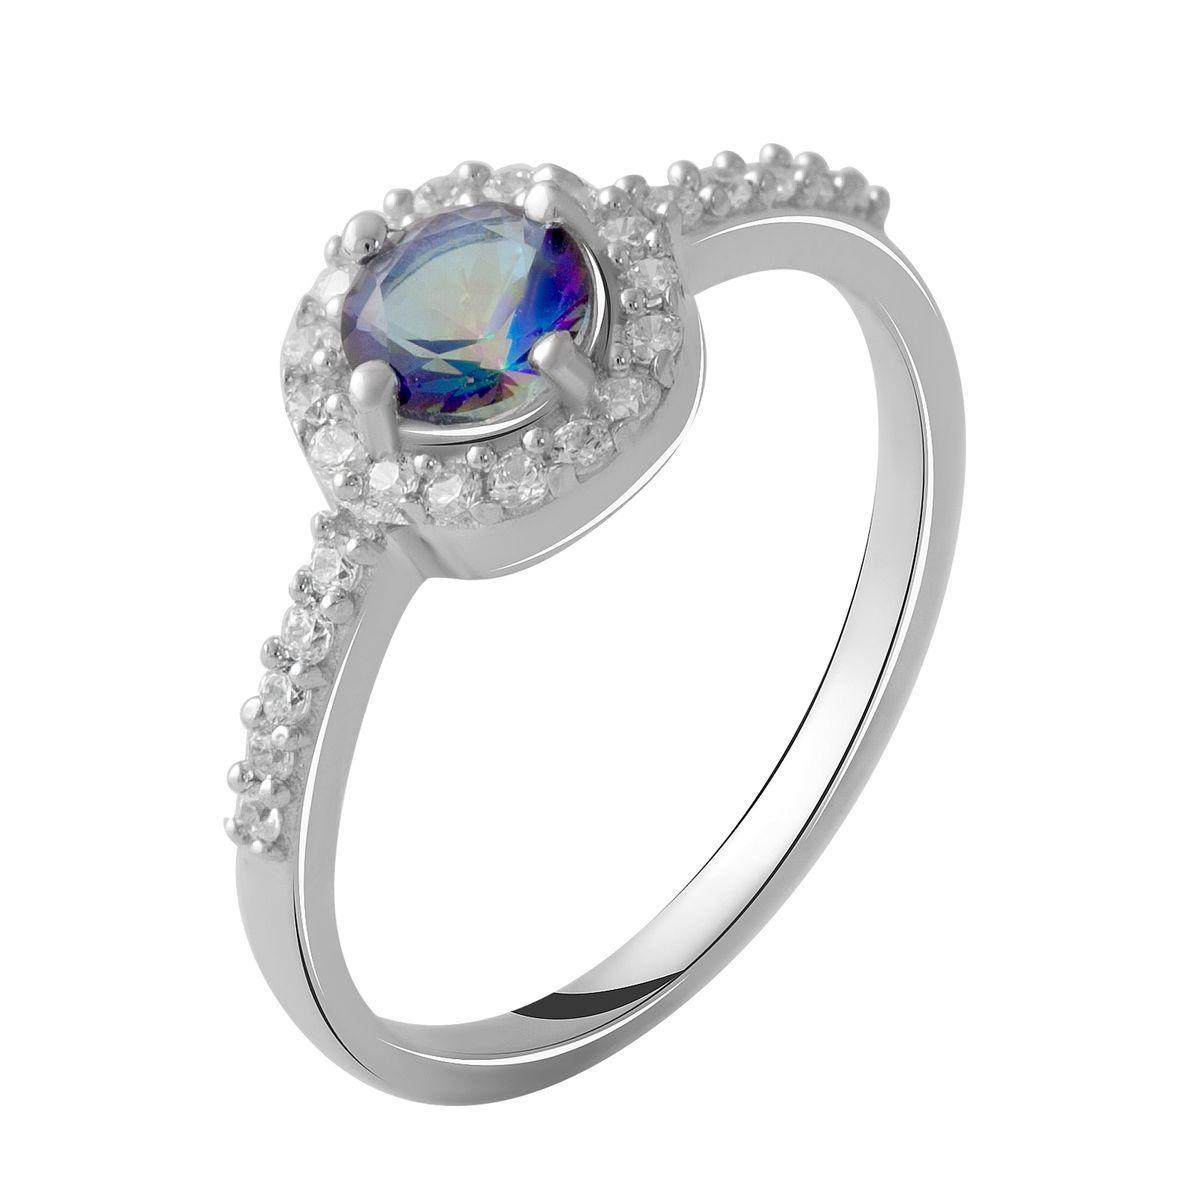 Серебряное кольцо DreamJewelry с натуральным мистик топазом 0.775ct (2049104) 17.5 размер